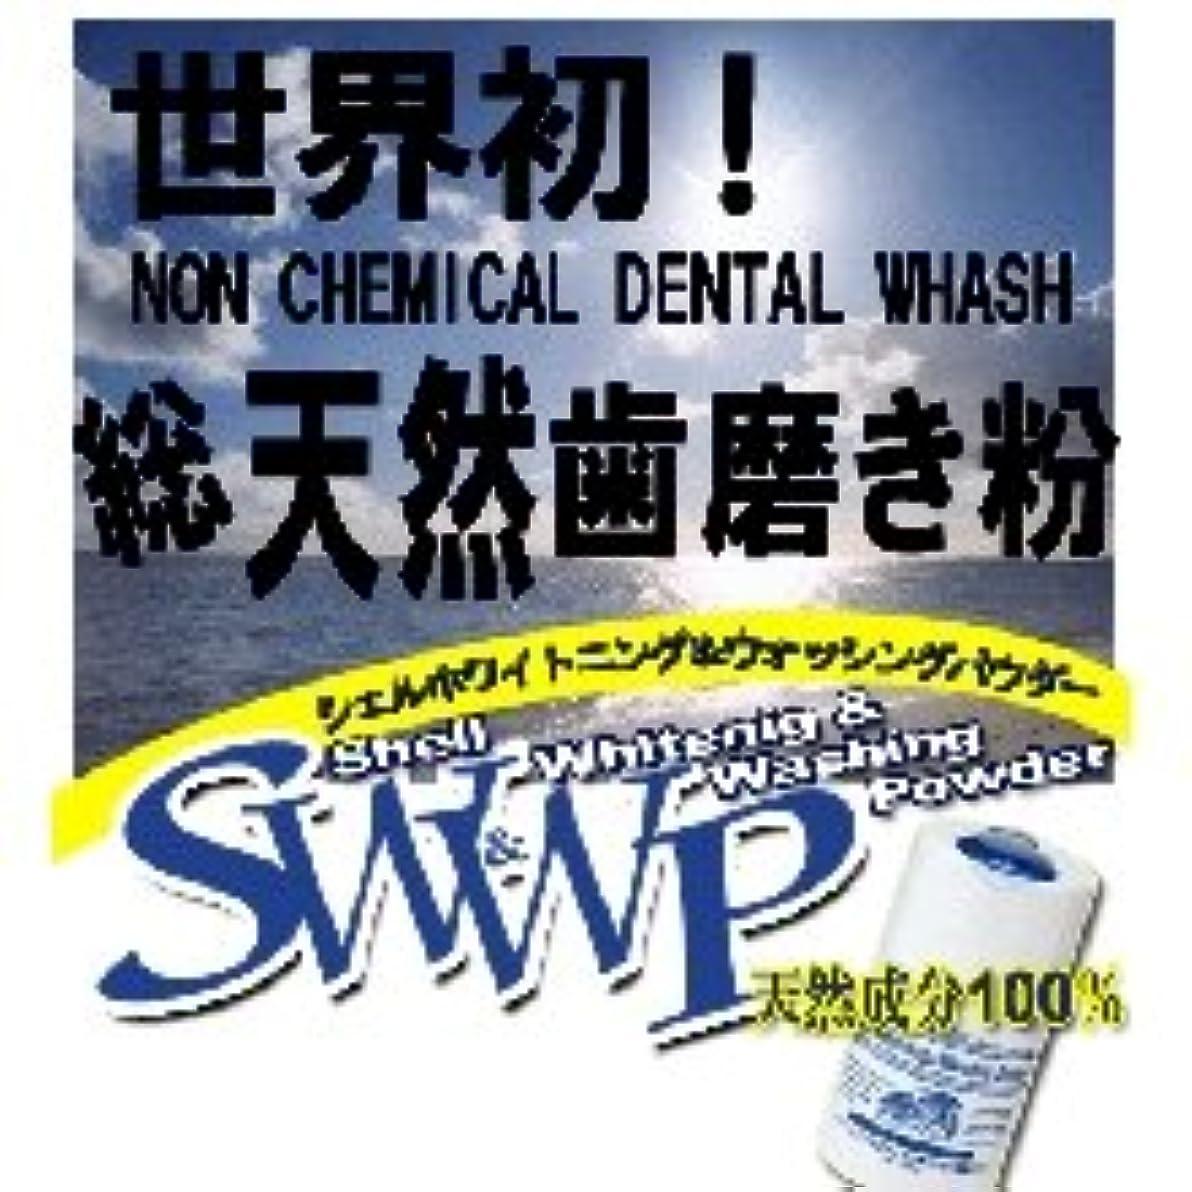 ごみバイオリニストパン屋Shell Whitening & Whashing Powder シェルホワイトニングパウダー